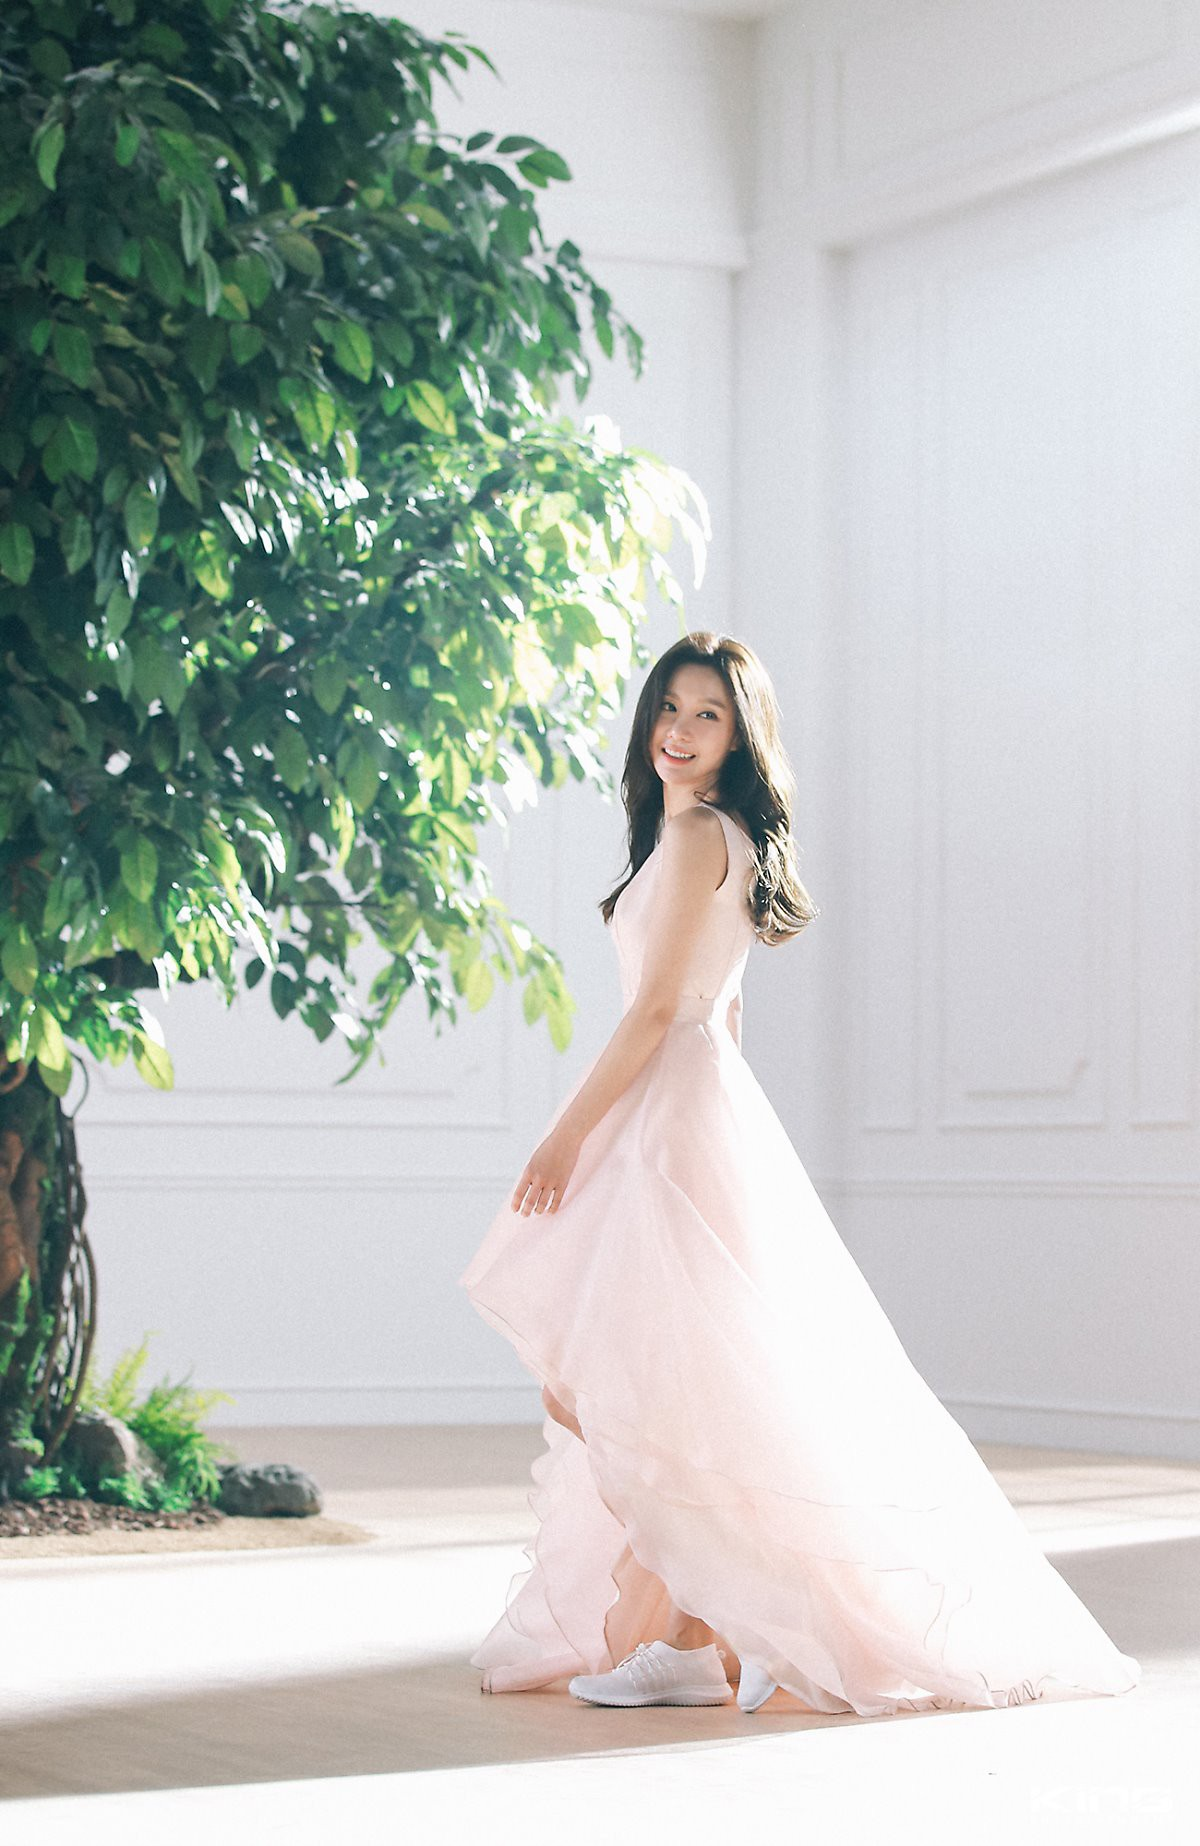 Chùm ảnh hậu trường gây sốt của mỹ nhân Sắc đẹp ngàn cân: U40 vẫn trẻ đẹp khó tin, chẳng thua gì Park Min Young - Ảnh 3.